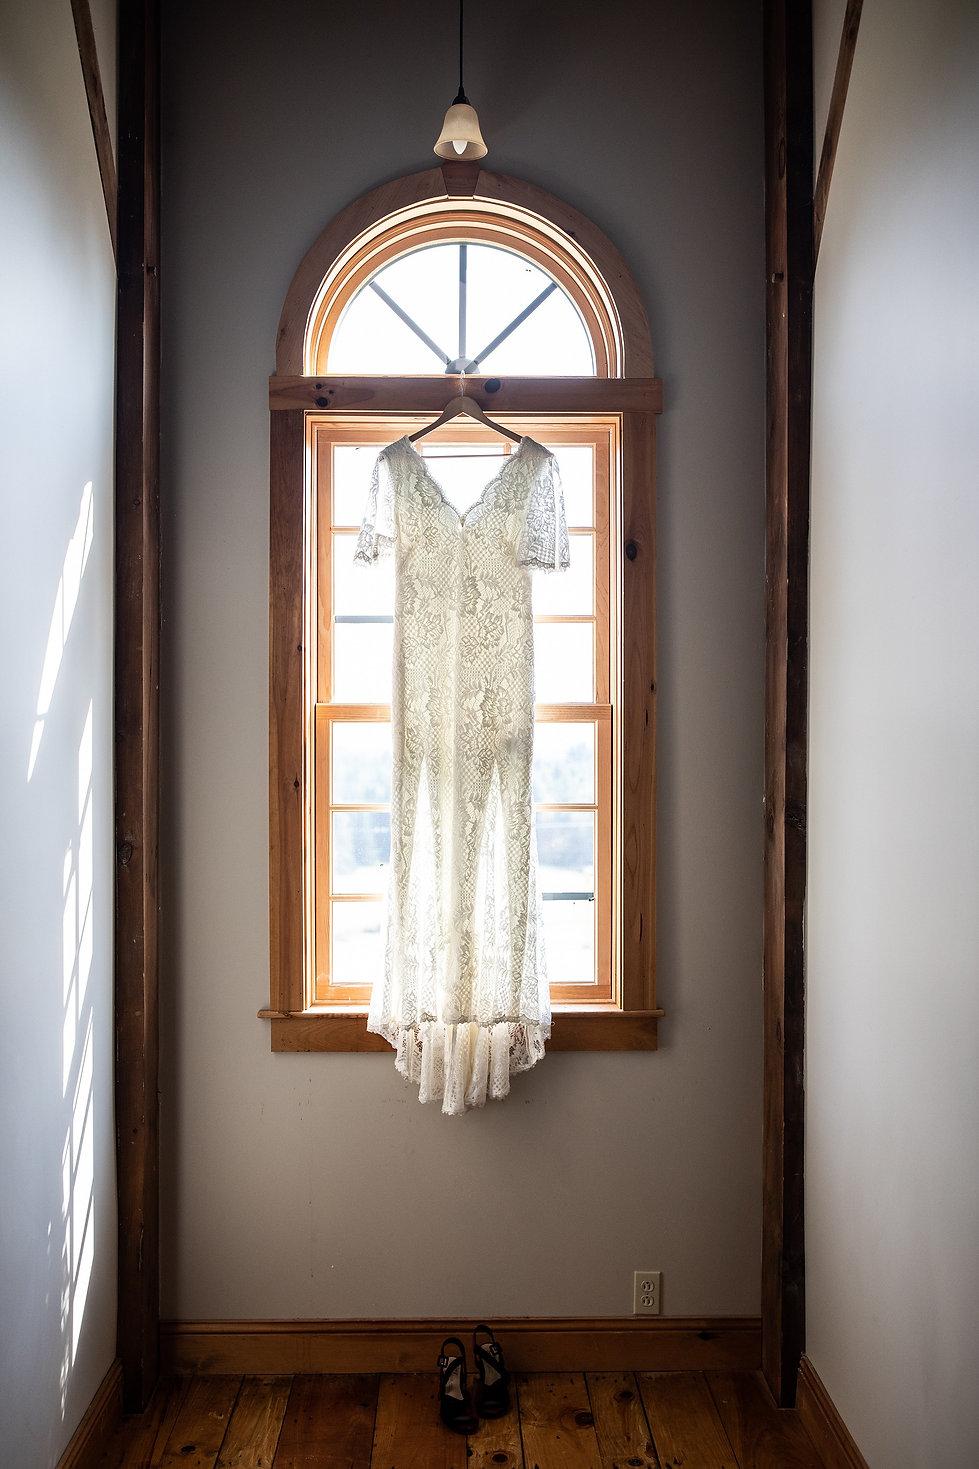 Wedding Dress in Window.jpg